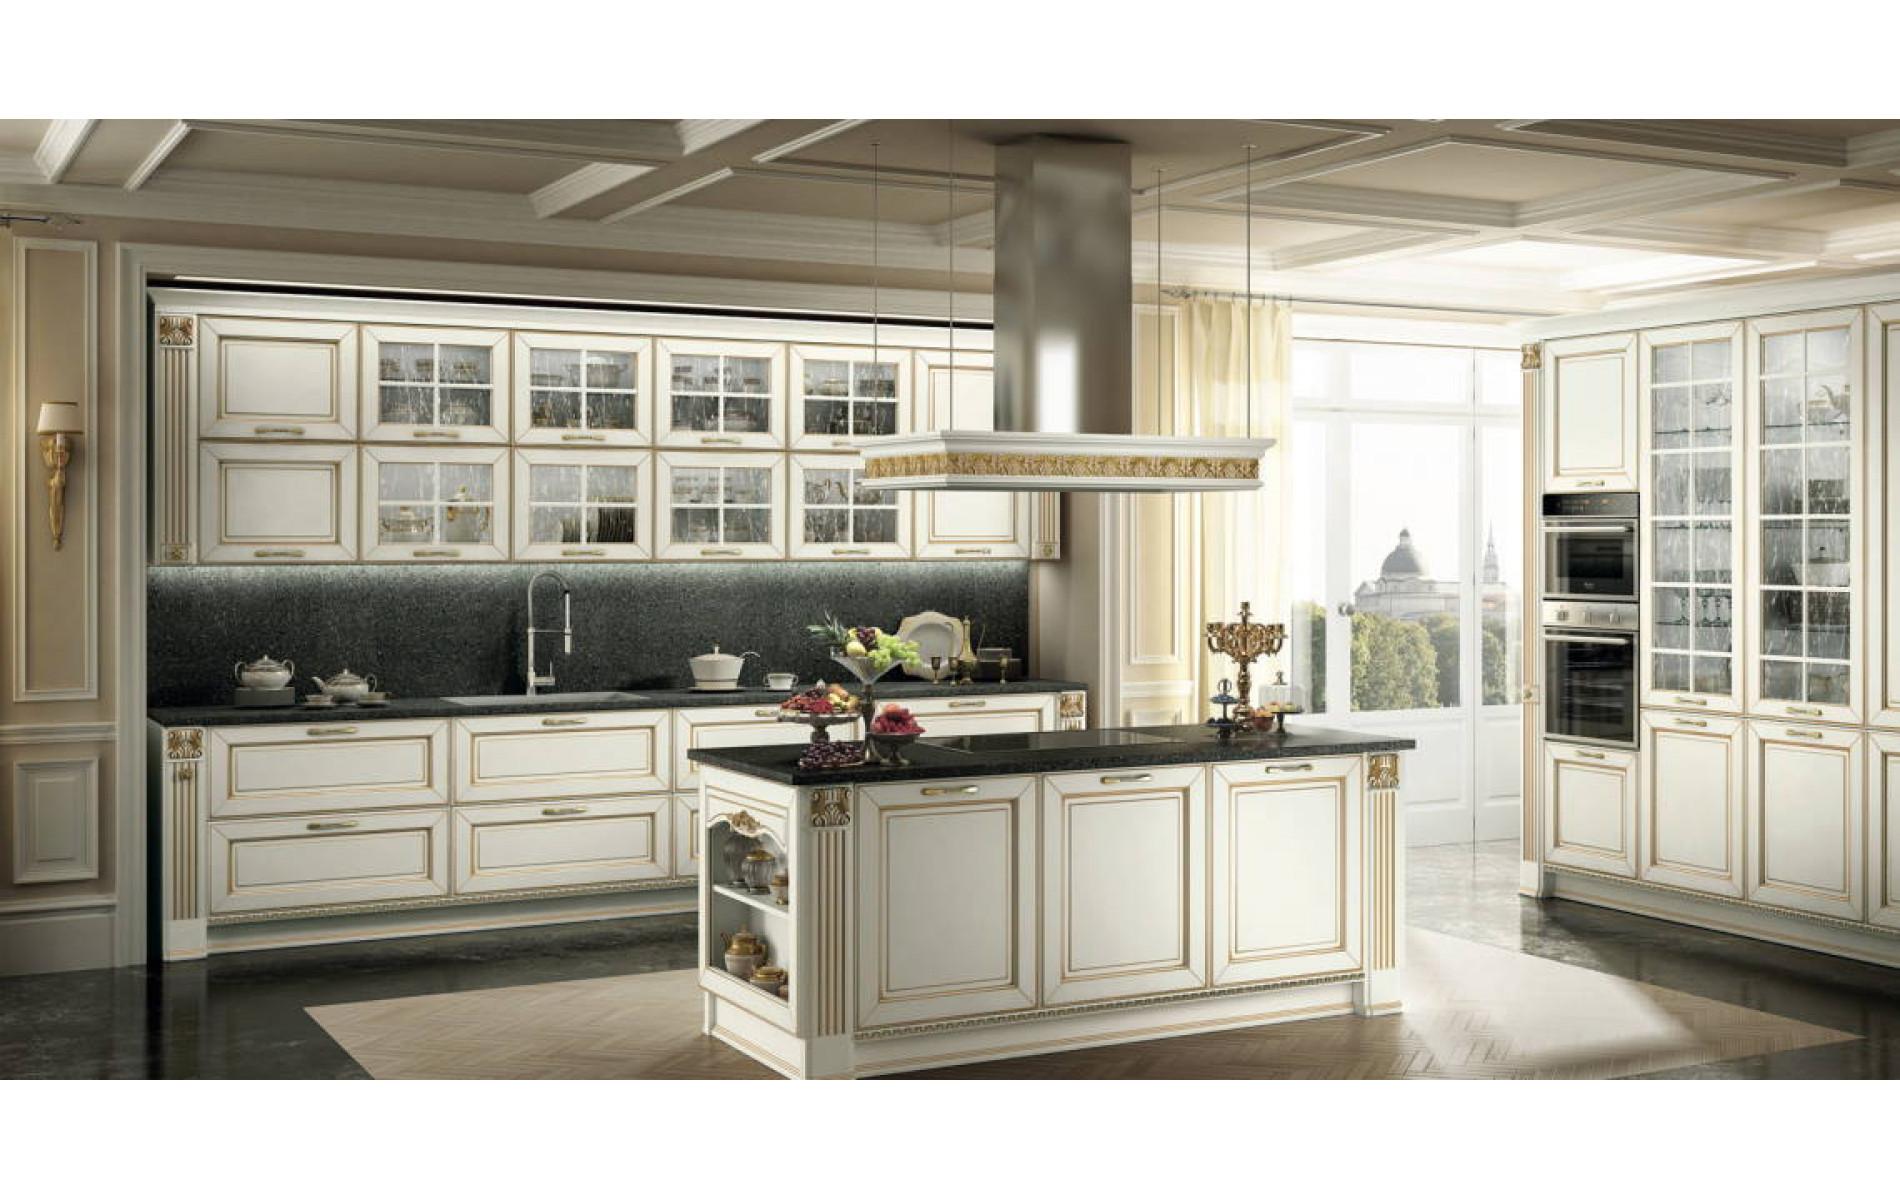 Кухня Dolcevita, фабрика Stosa Cucine